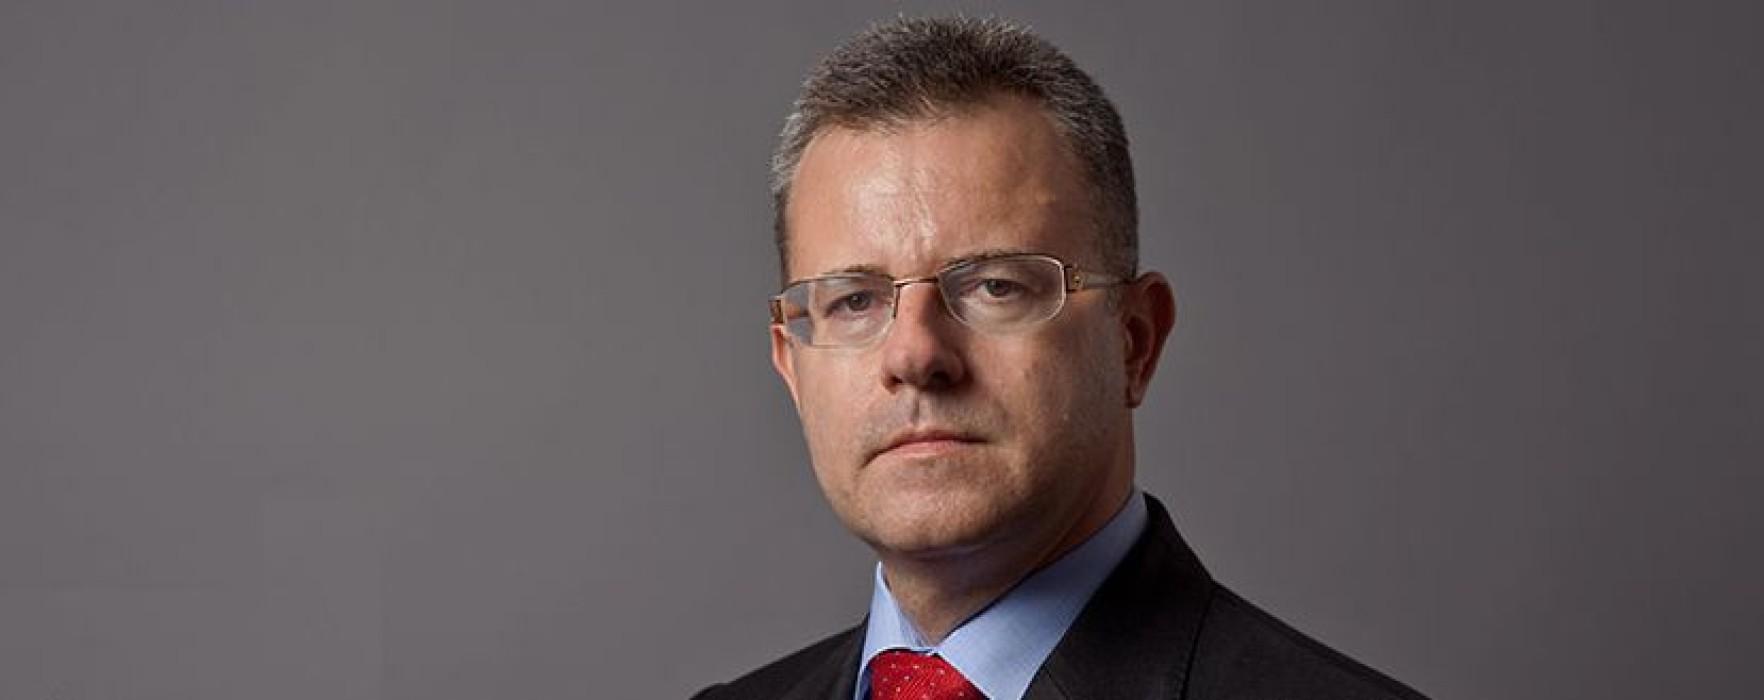 Administratorul public al CJ Dâmboviţa anunță că pleacă odată cu preşedintele instituţiei